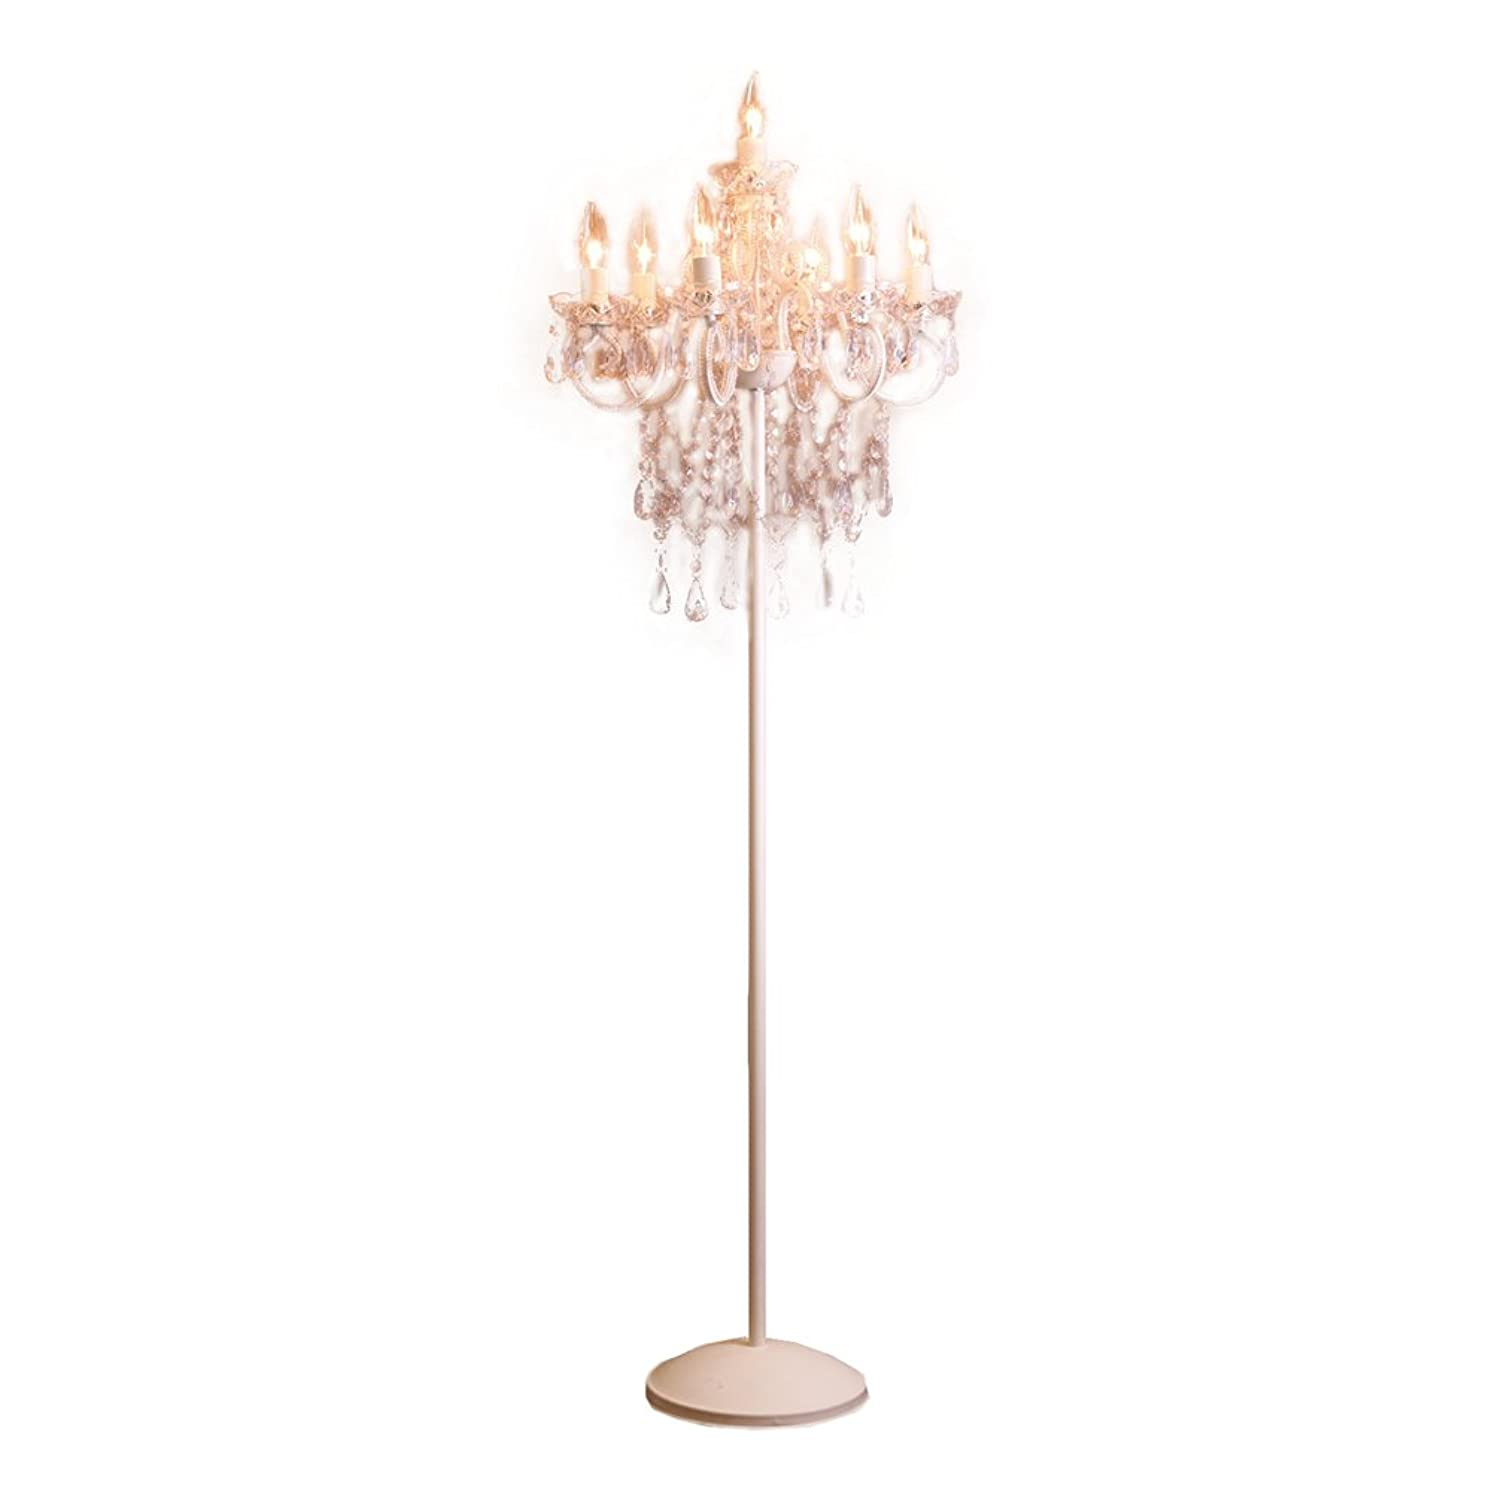 カウボーイ才能のある輝度LED電球対応 フロアランプ 【クリスティ Christy】 7灯  E12/水雷型 (クリーム)